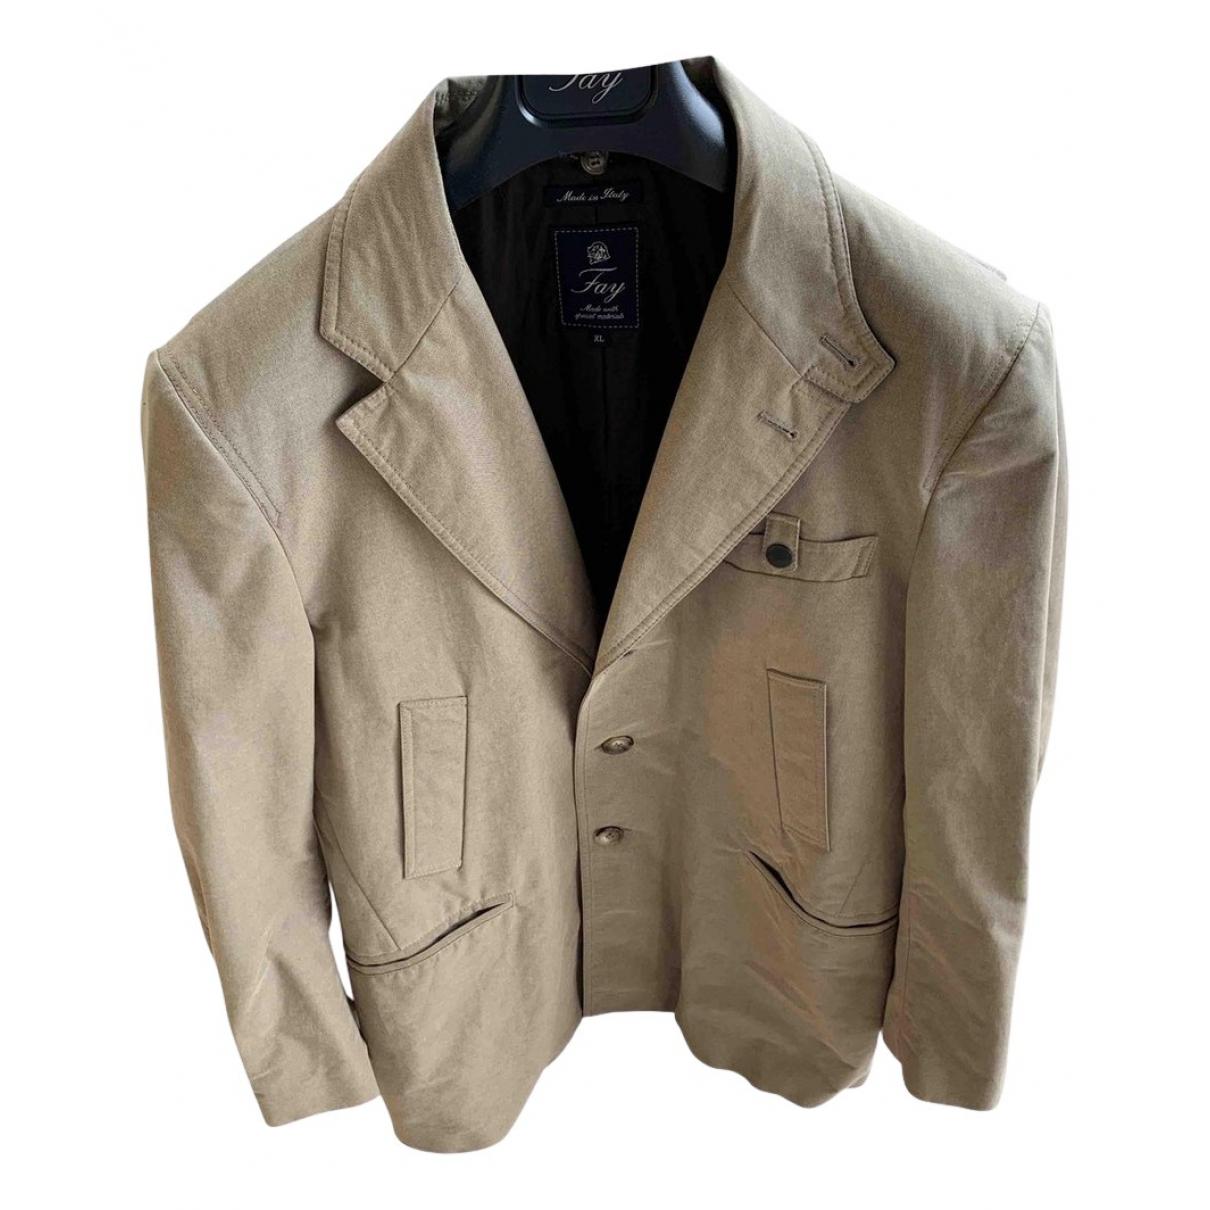 Fay - Manteau   pour homme en coton - beige